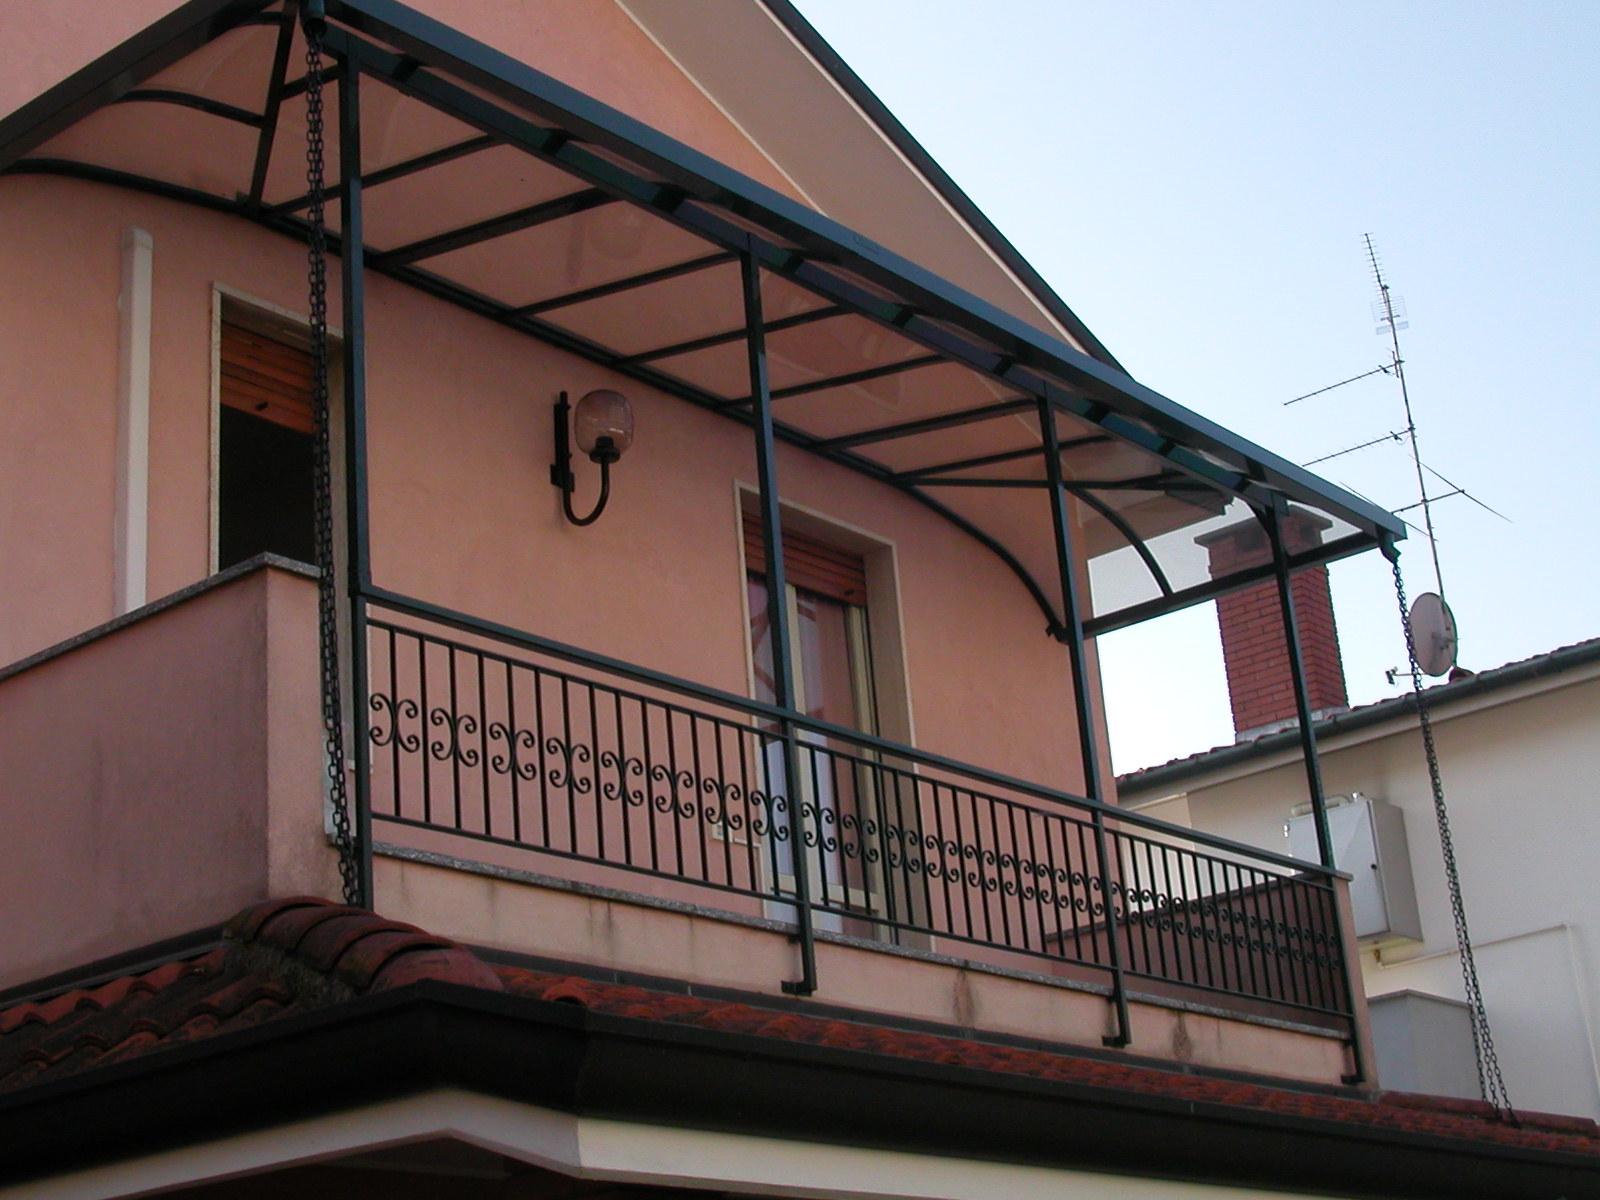 Coperture per balconi su misura, realizzate in alluminio e policarbonato